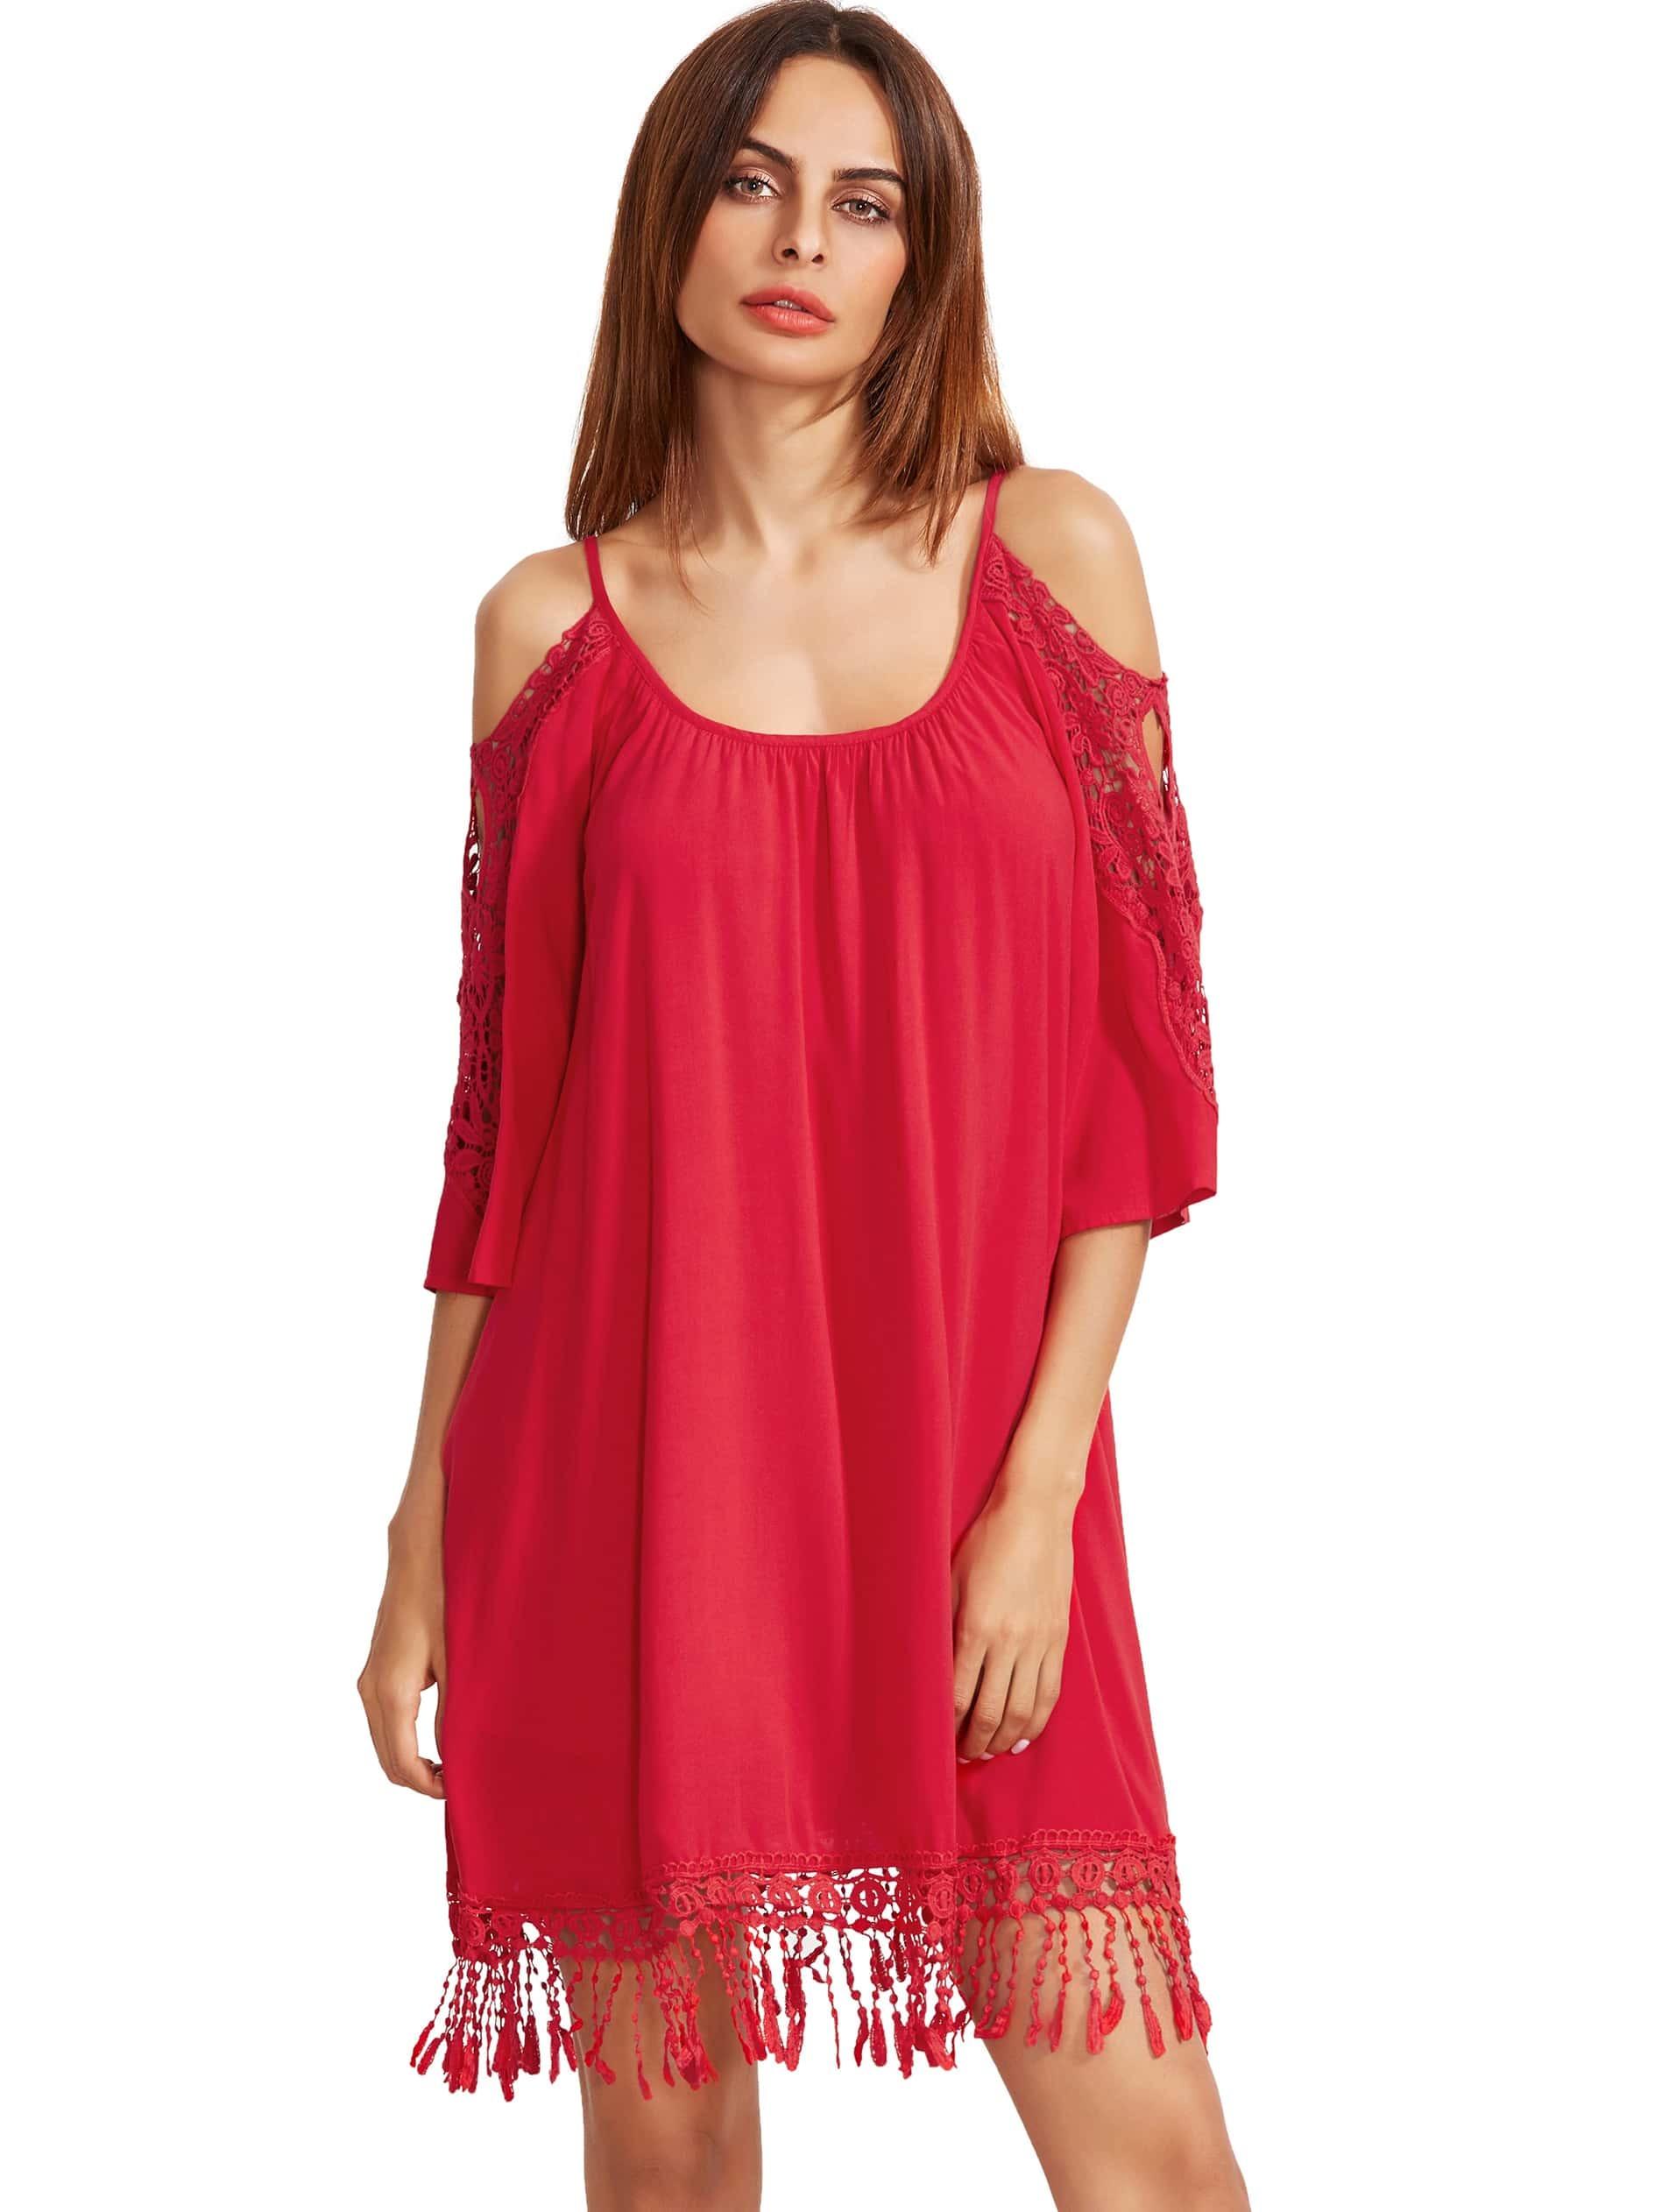 Red Open Shoulder Crochet Lace Sleeve Tassel Dress dress160928589